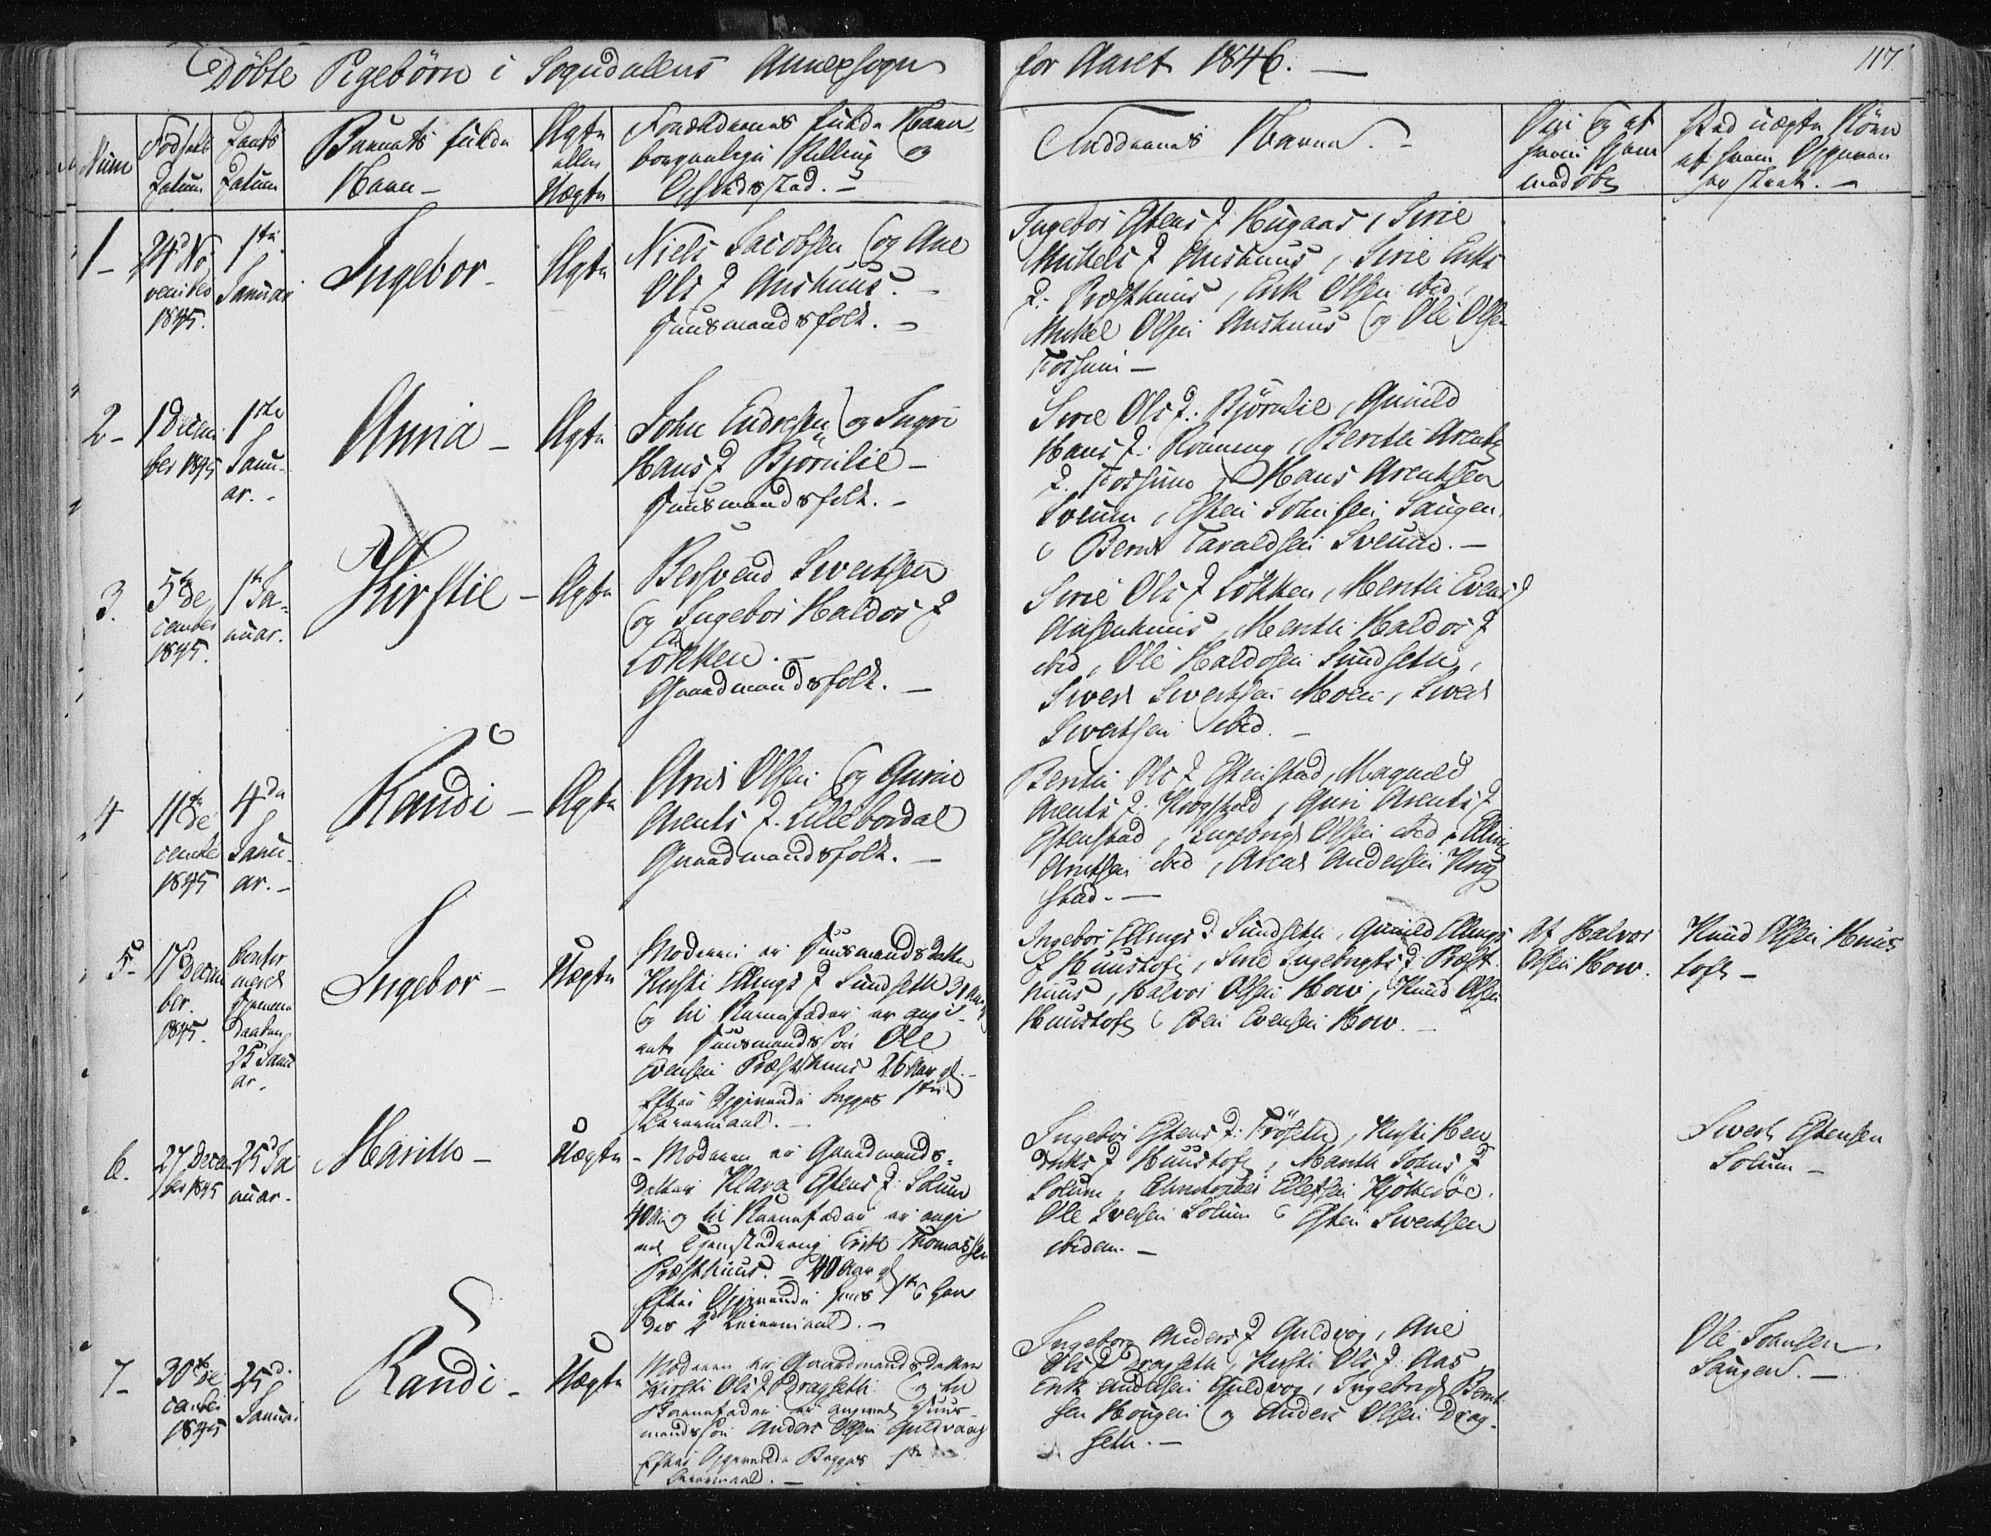 SAT, Ministerialprotokoller, klokkerbøker og fødselsregistre - Sør-Trøndelag, 687/L0999: Ministerialbok nr. 687A05 /3, 1843-1848, s. 117